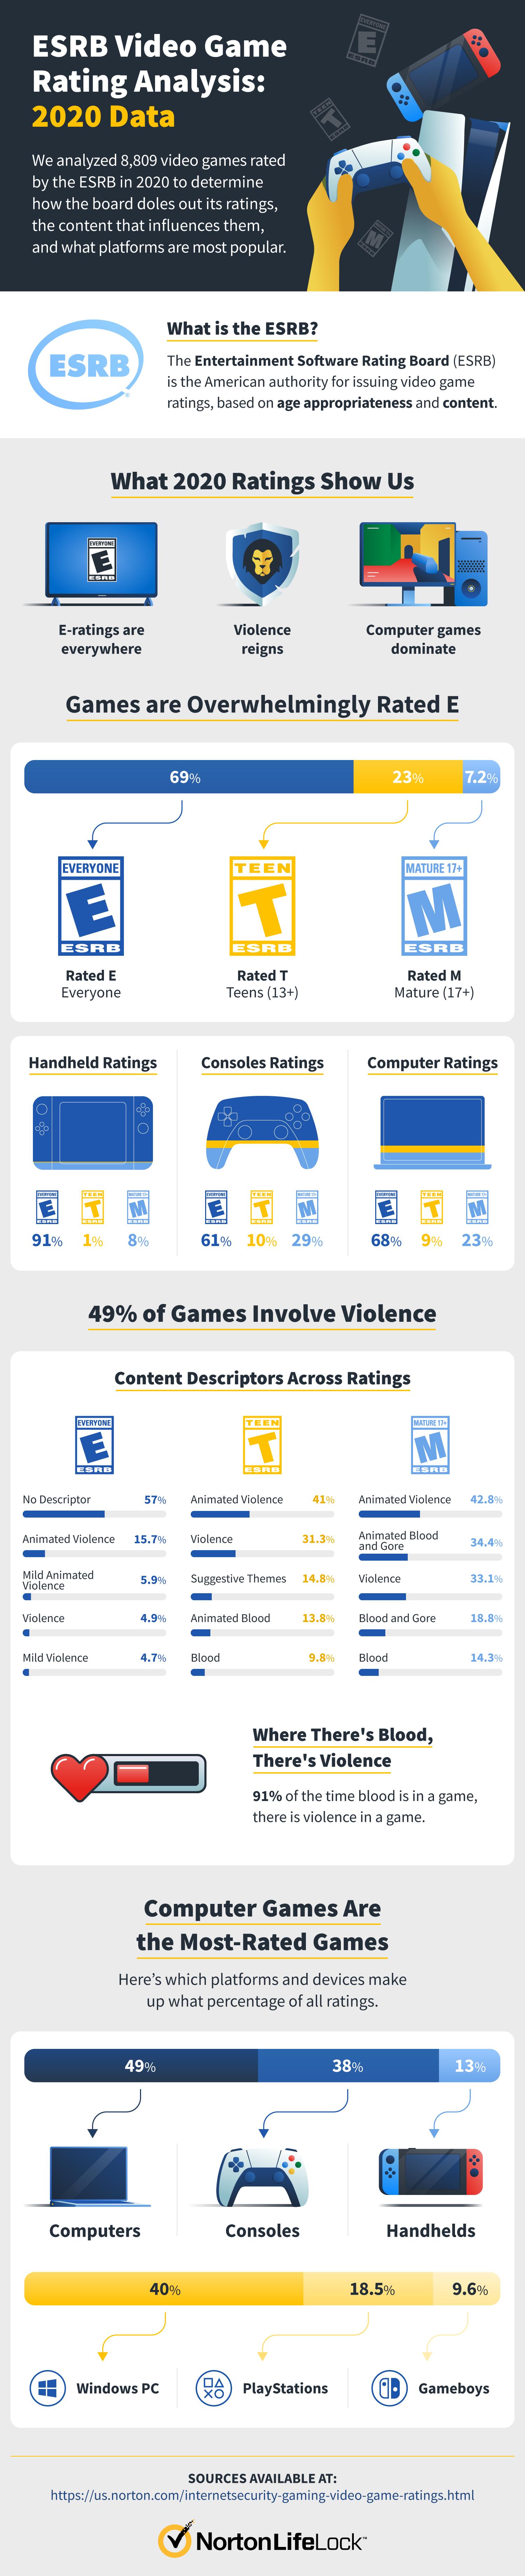 ESRB Video Game Rating Analysis: 2020 Data